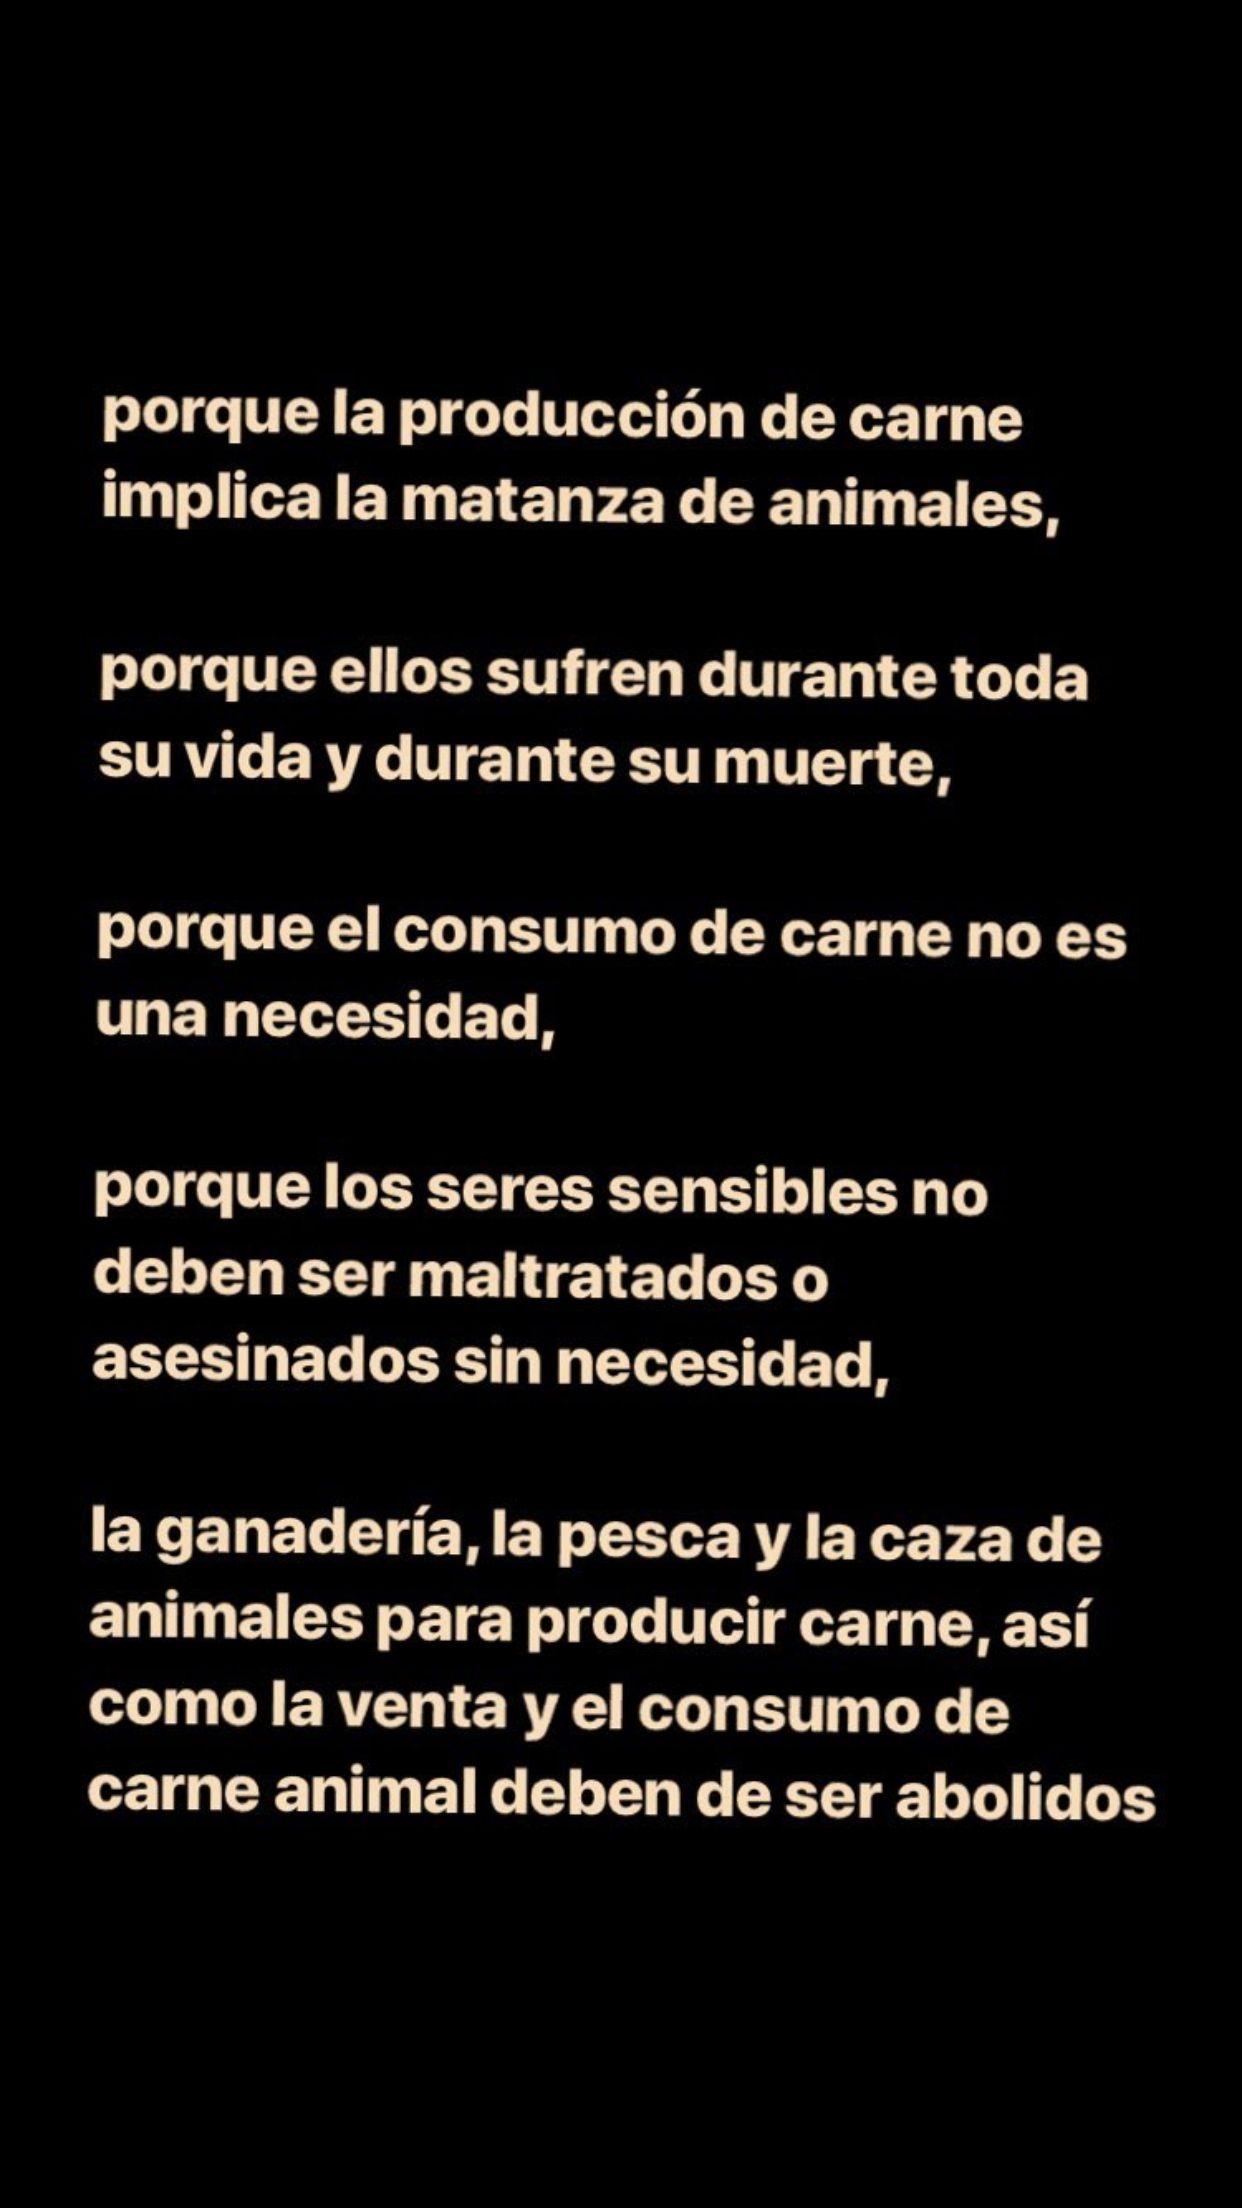 Pin De Tatiana Solera Quesada En Realidad Convertirse En Vegano Frases Vegetarianas Frases Veganas